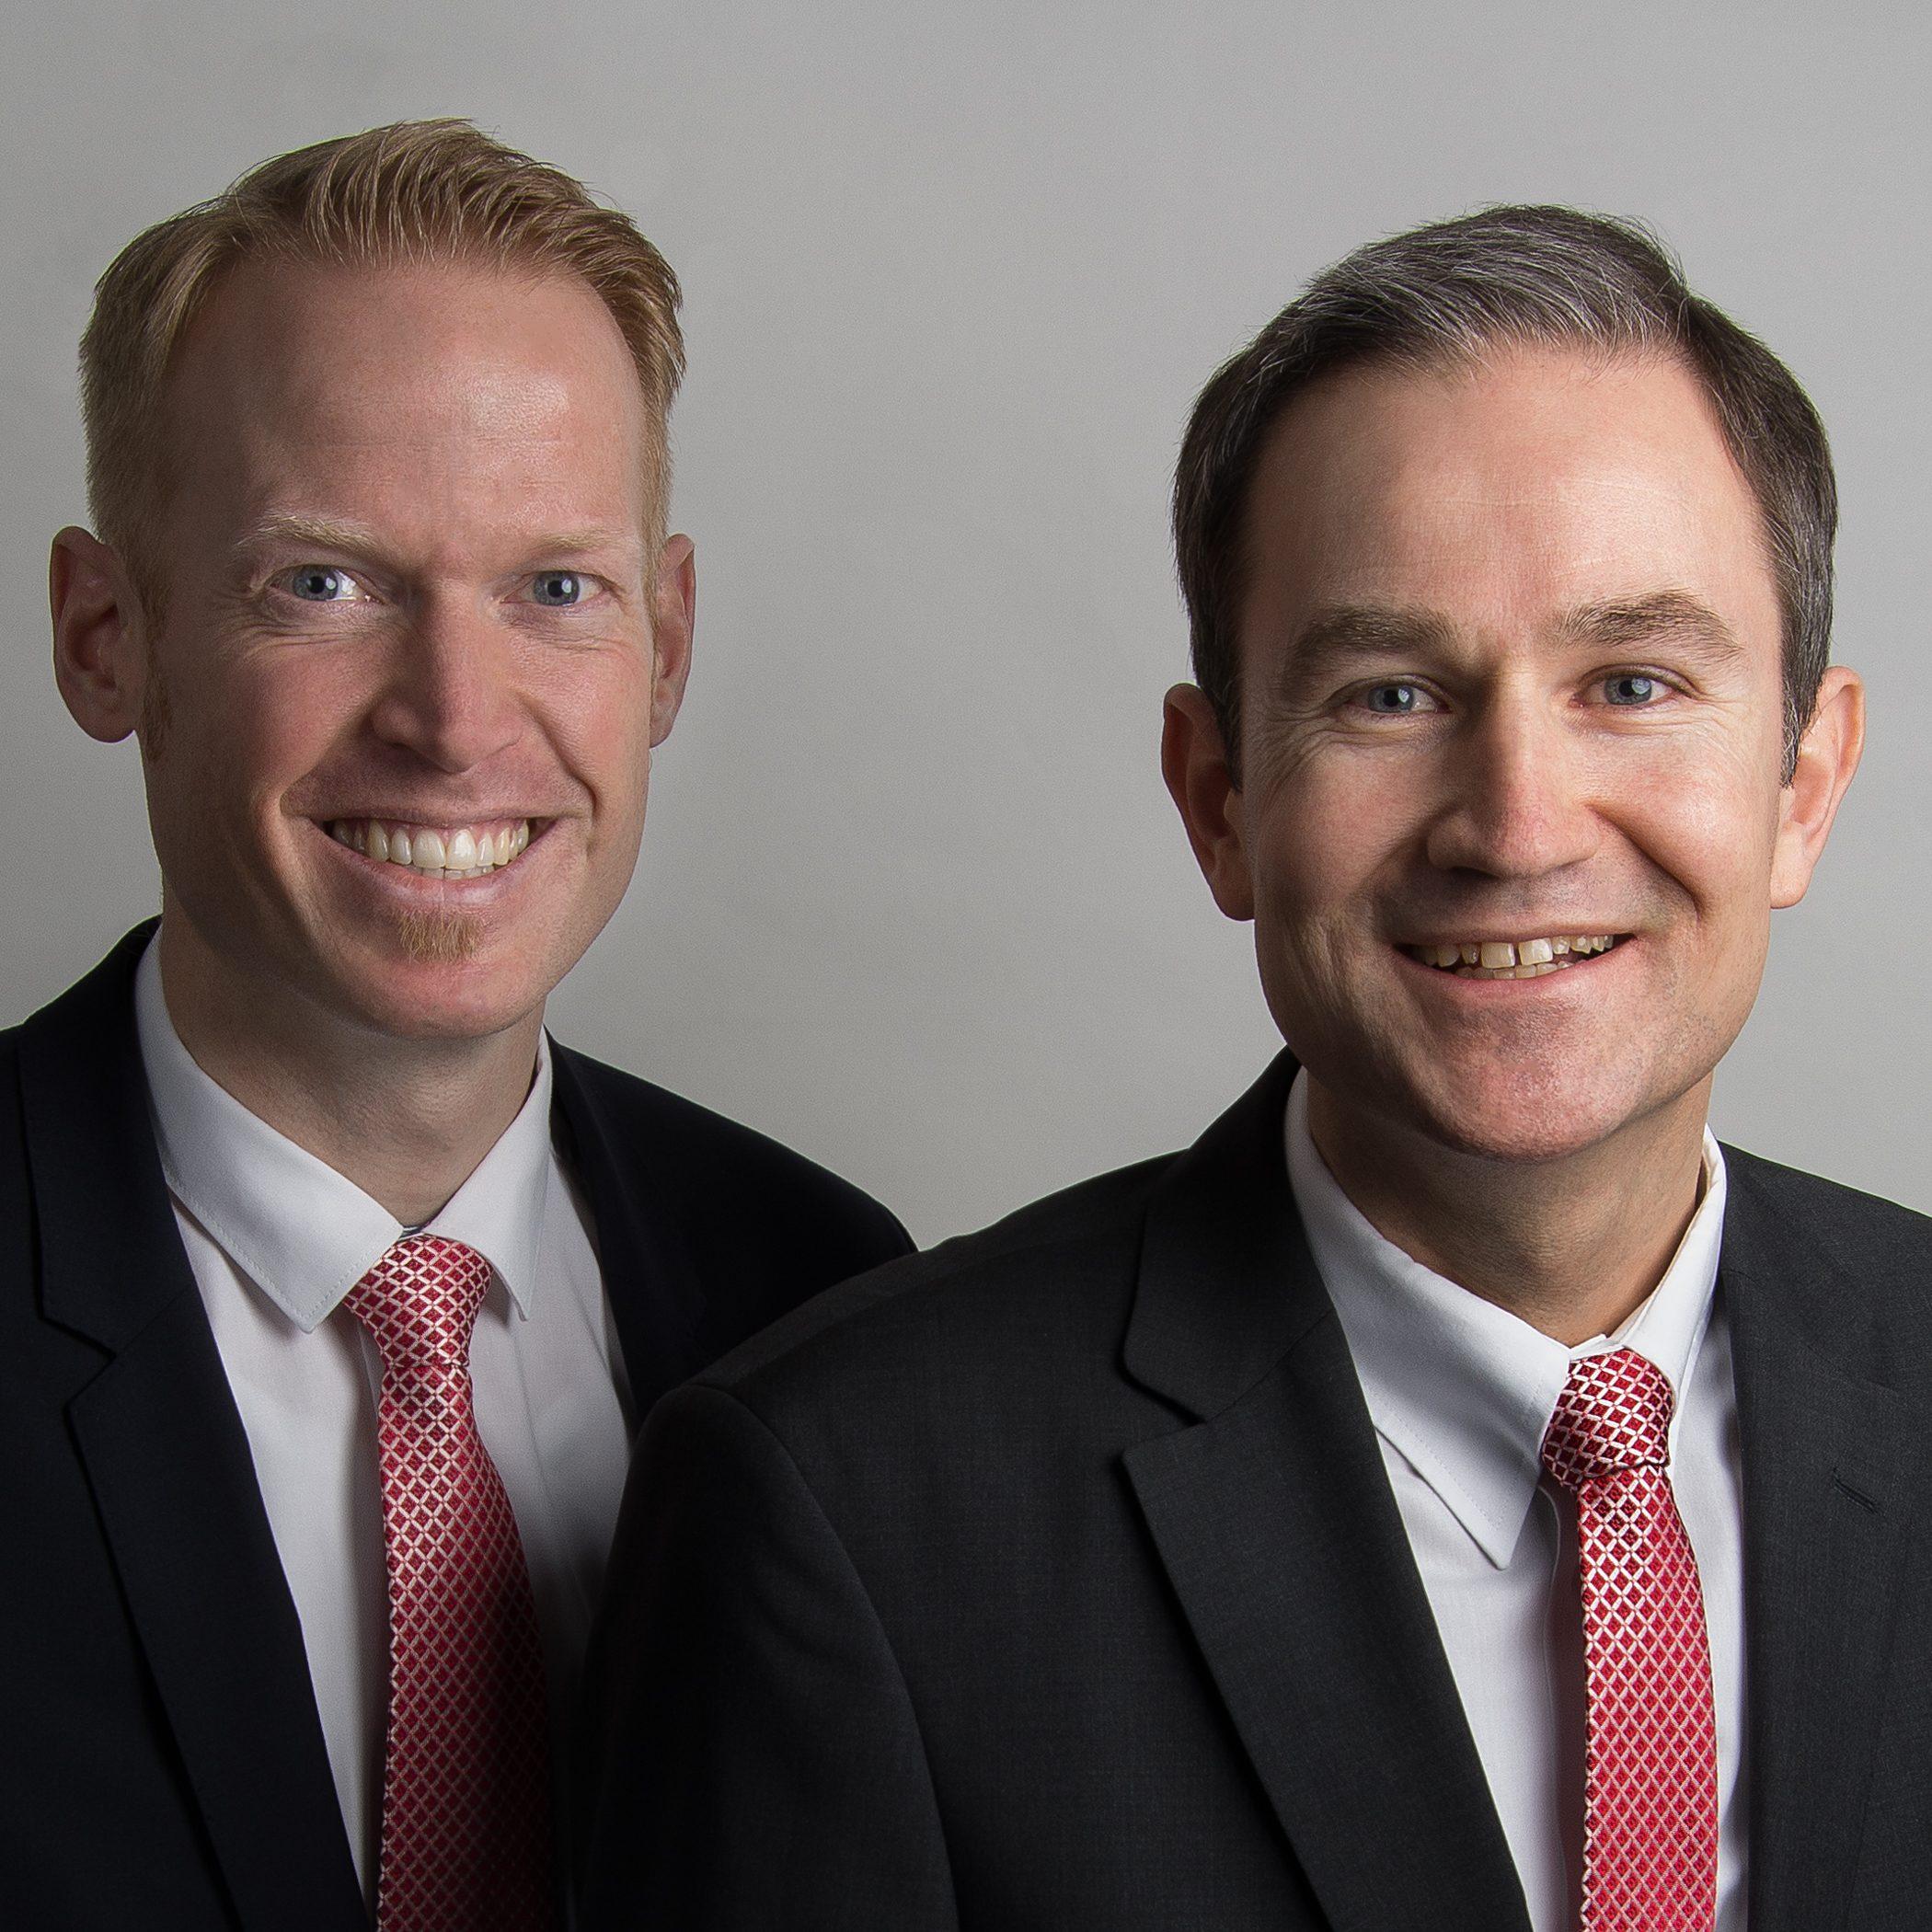 Stefan Brunswieck, (rechts) Vorstandsvorsitzender und Daniel Müller, Vorstandsmitglied der Stadtsparkasse Hilchenbach